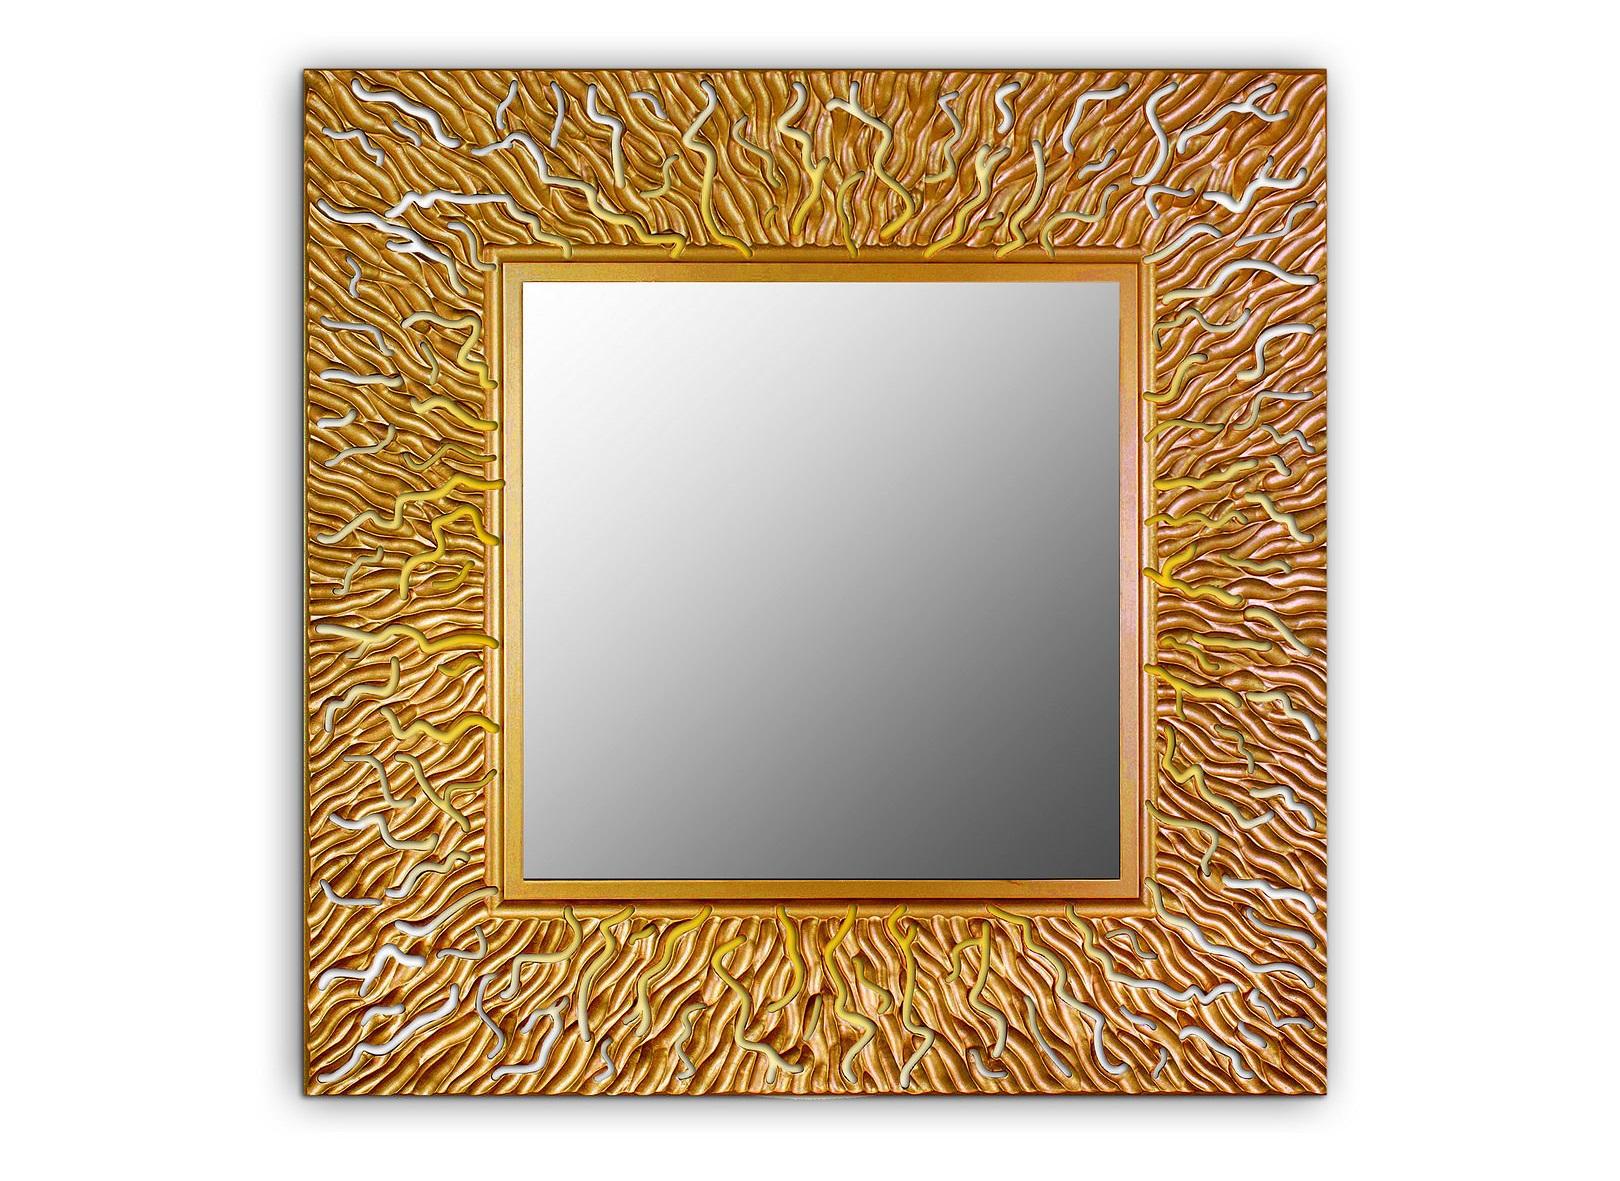 Зеркало CORALНастенные зеркала<br>Из тьмы морских глубин к свету тянутся кружевные ветки кораллов,напоминая о том,что творчество и успех,сила и красота есть в каждом из нас. <br>Рука резчика запечатлела живой и неповторимый узор коралла, превратив его в великолепное украшение дома. <br>Данный вариант представлен в квадратной форме<br><br>Material: Дерево<br>Width см: 90<br>Depth см: 0,8<br>Height см: 90<br>Diameter см: None